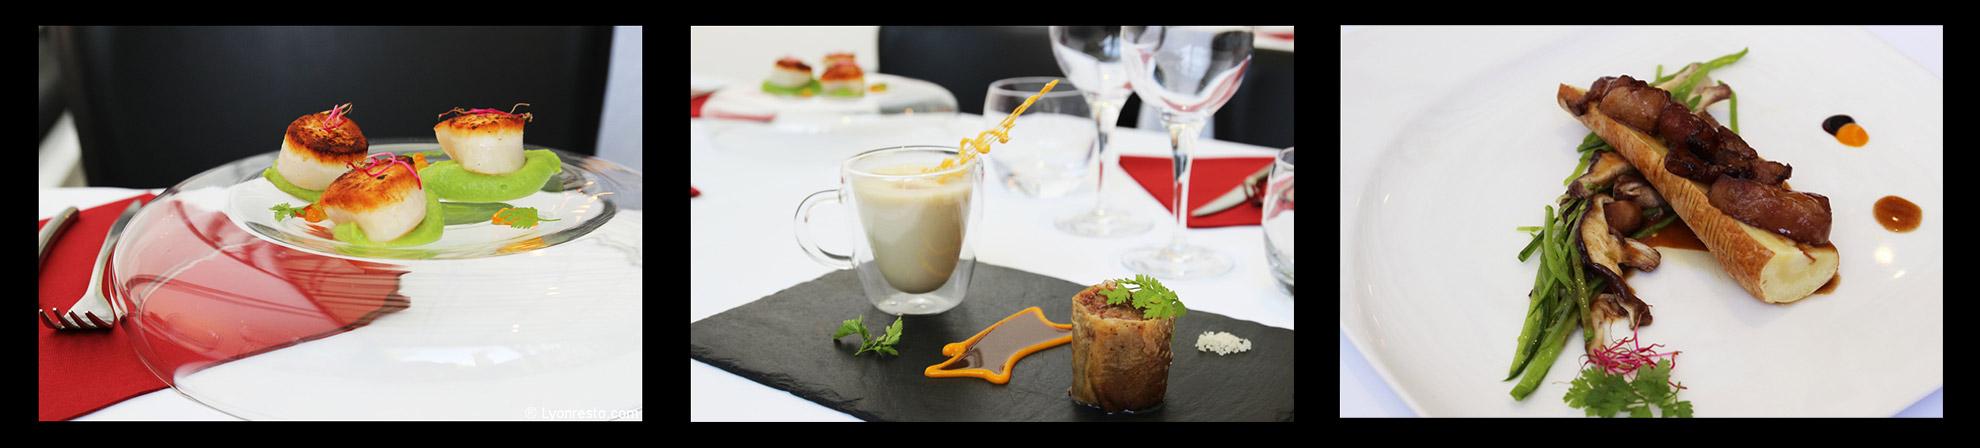 meilleur restaurant semi-gastronomique lyon